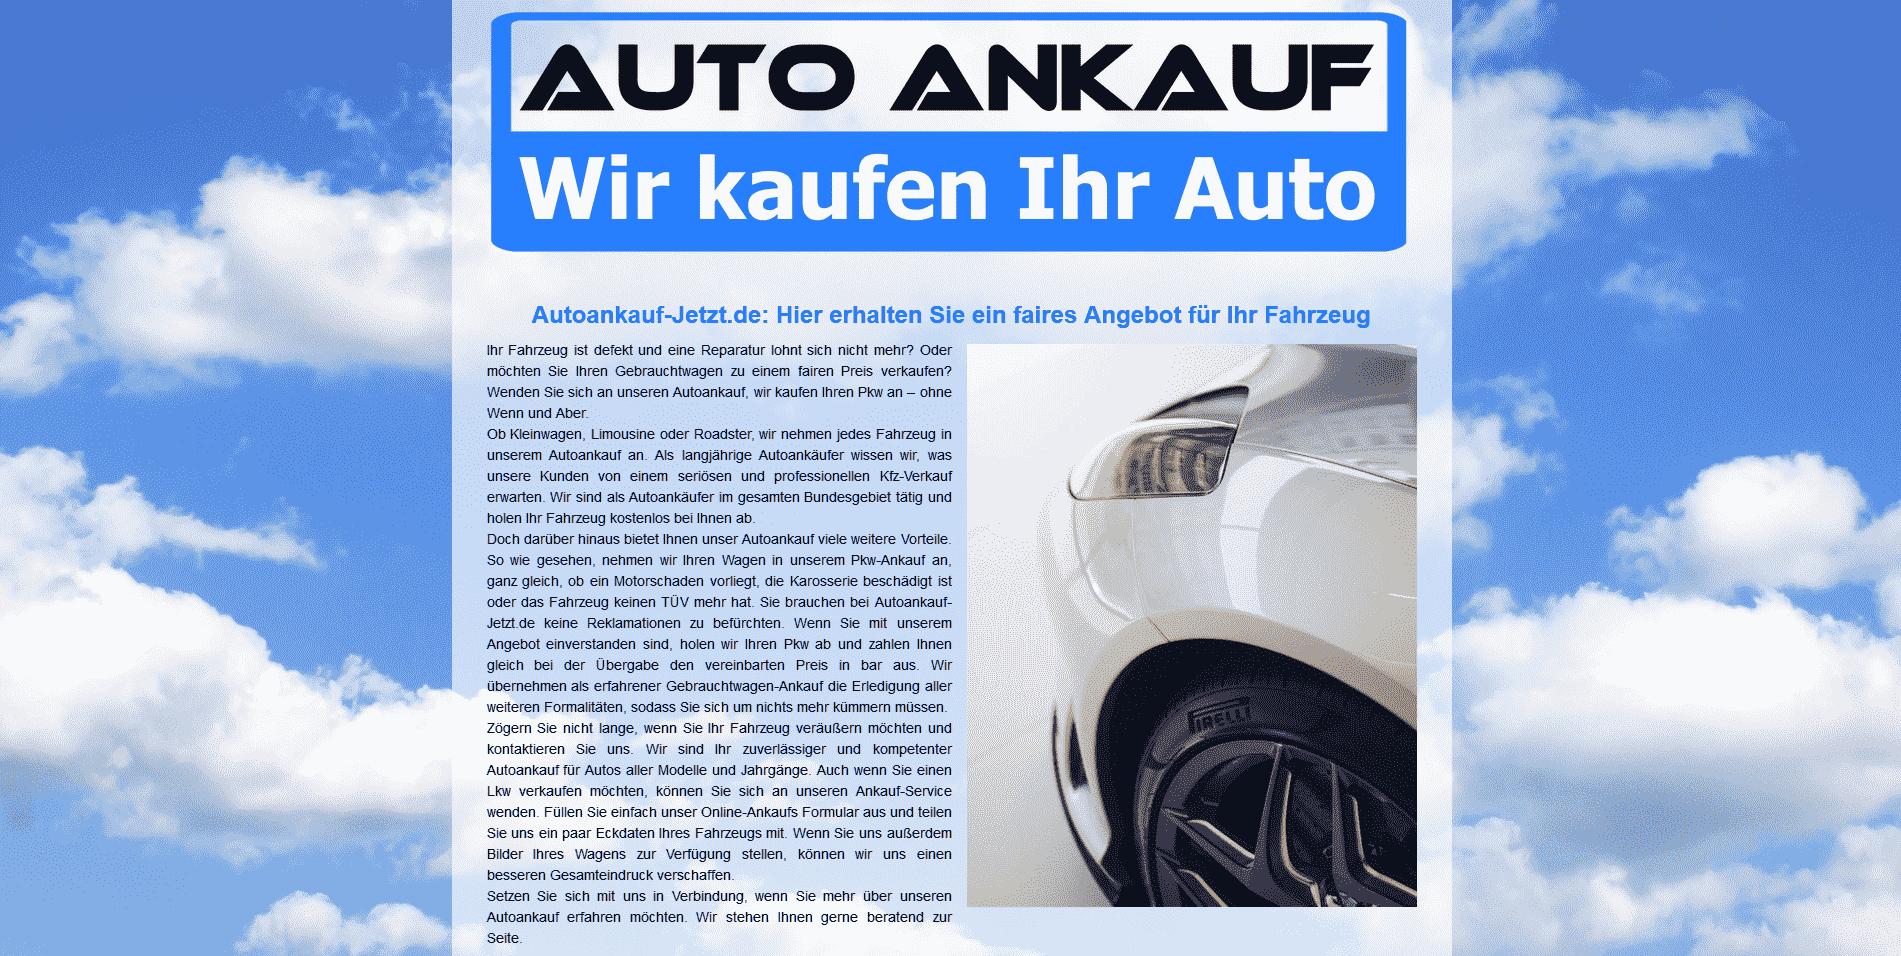 Professioneller Autoankauf in Dortmund zu Top-Preisen autoankauf-jetzt.de/